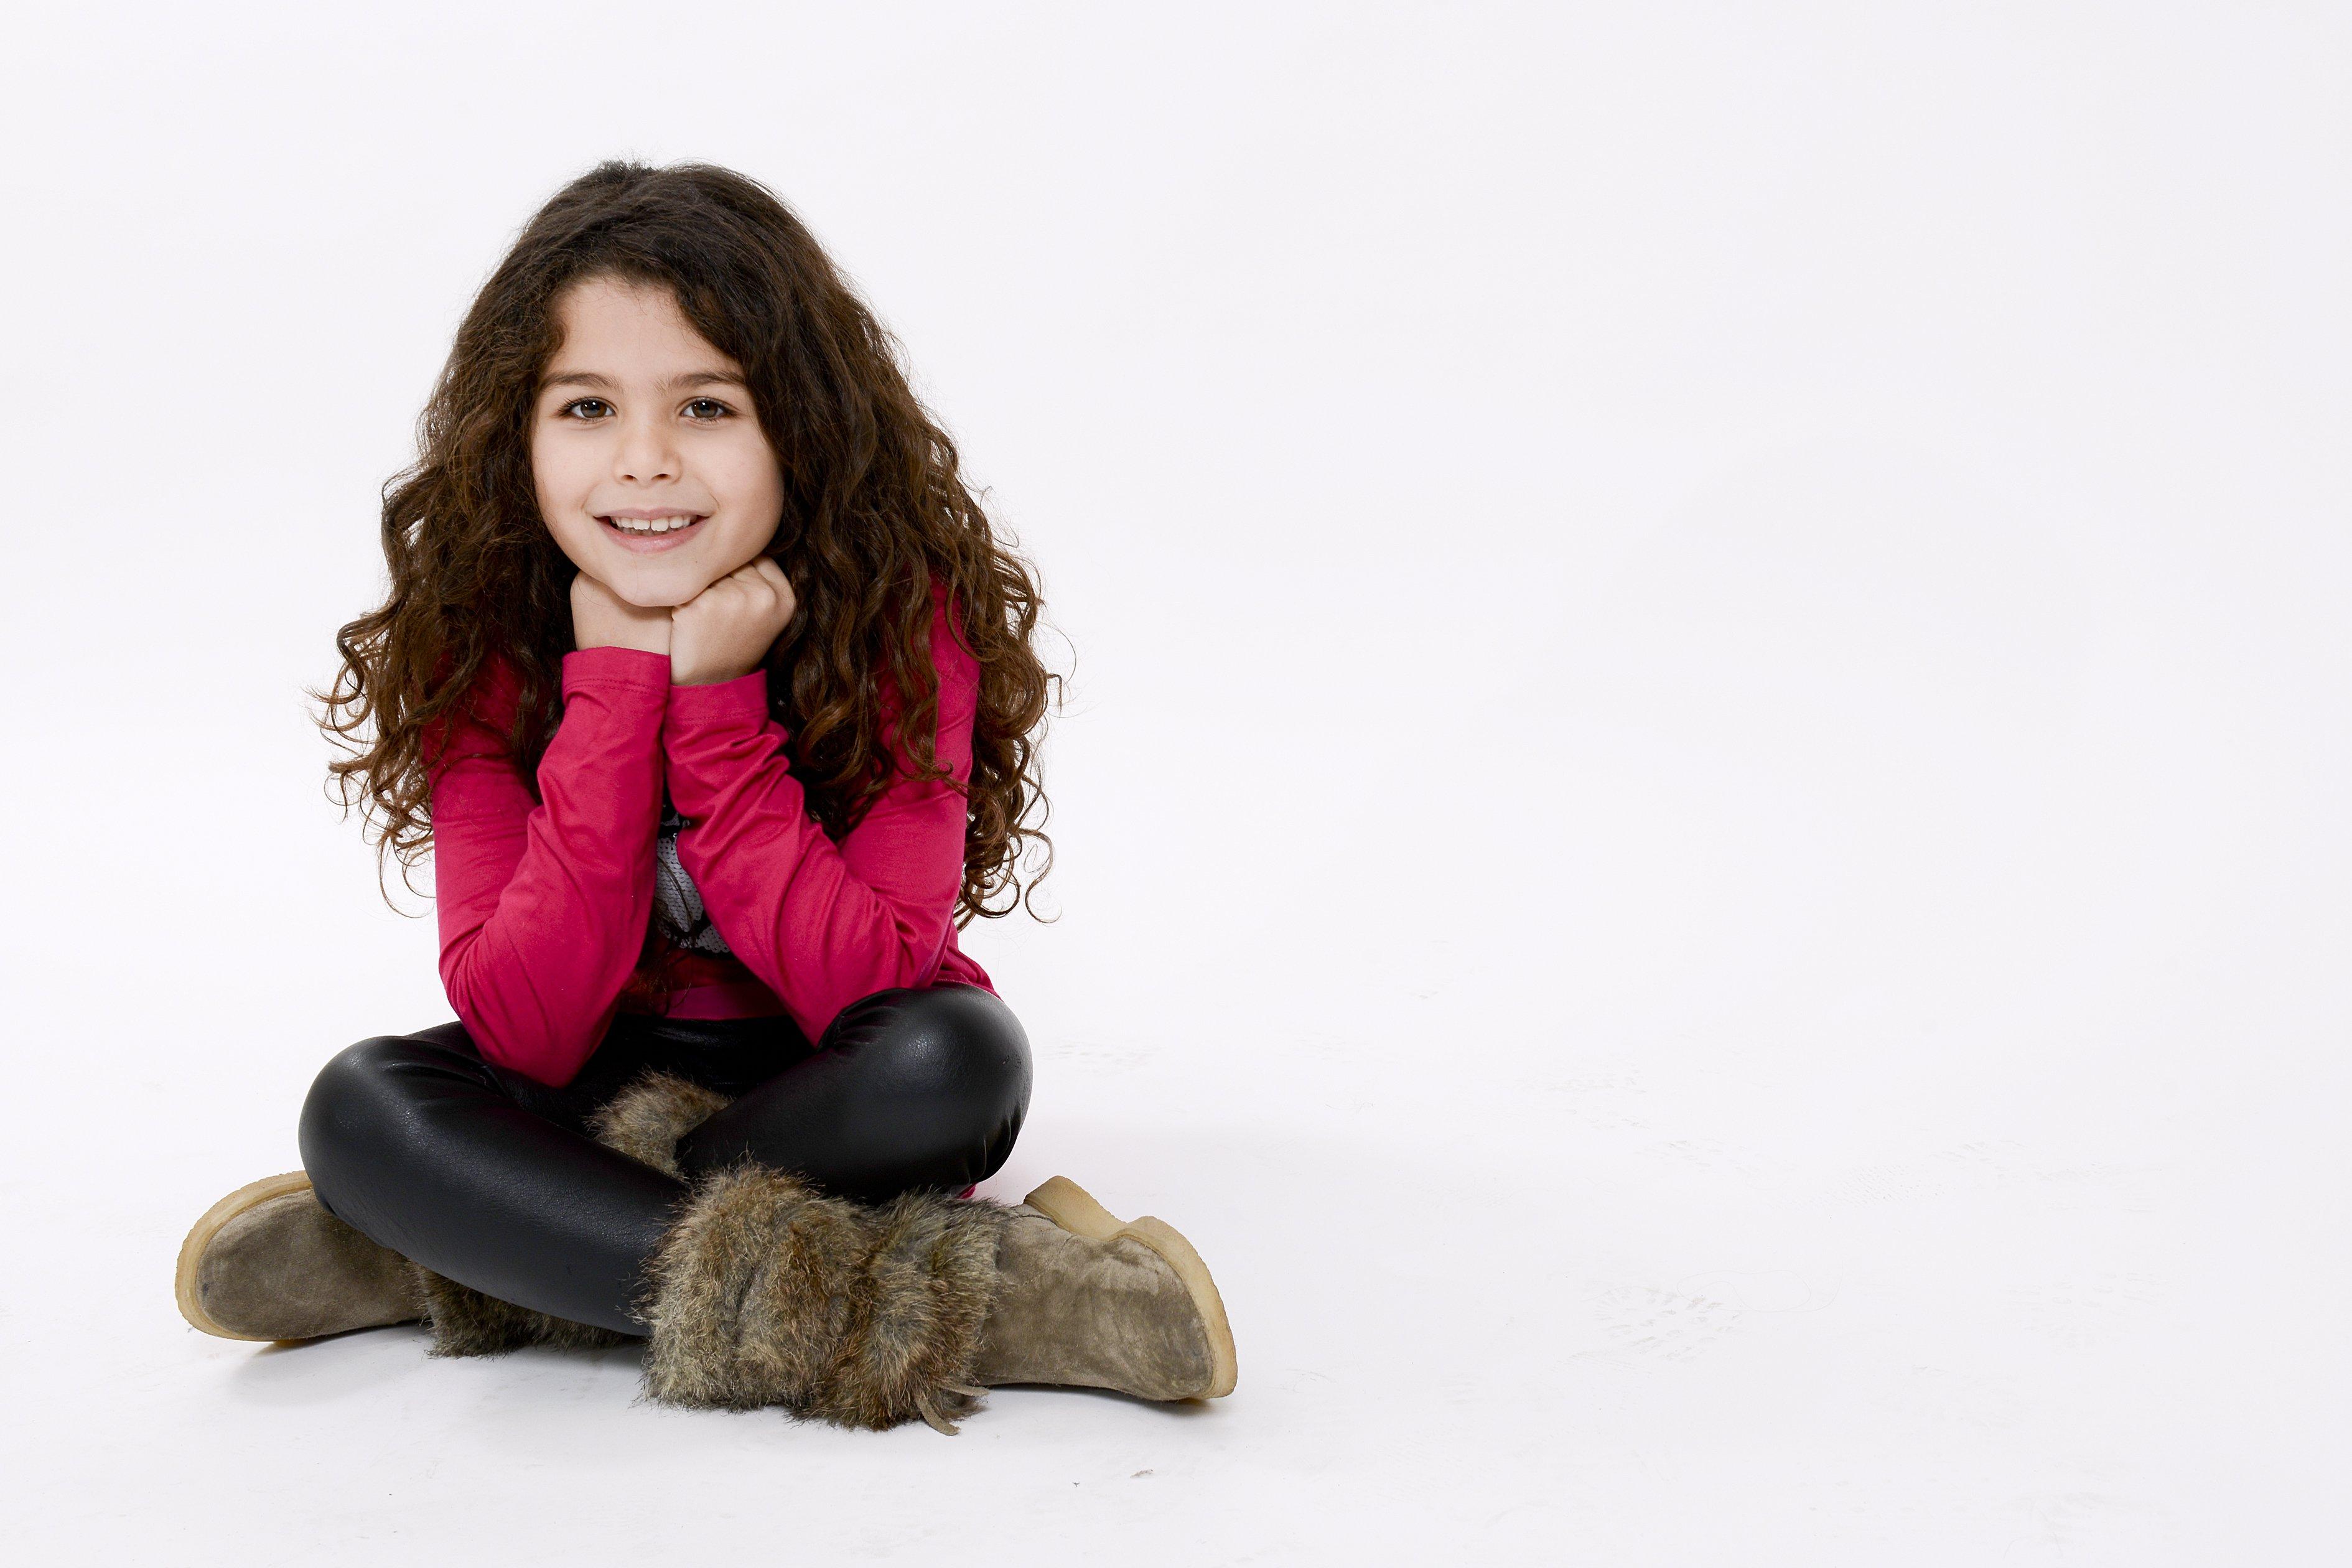 una bambina seduta con una maglia rossa